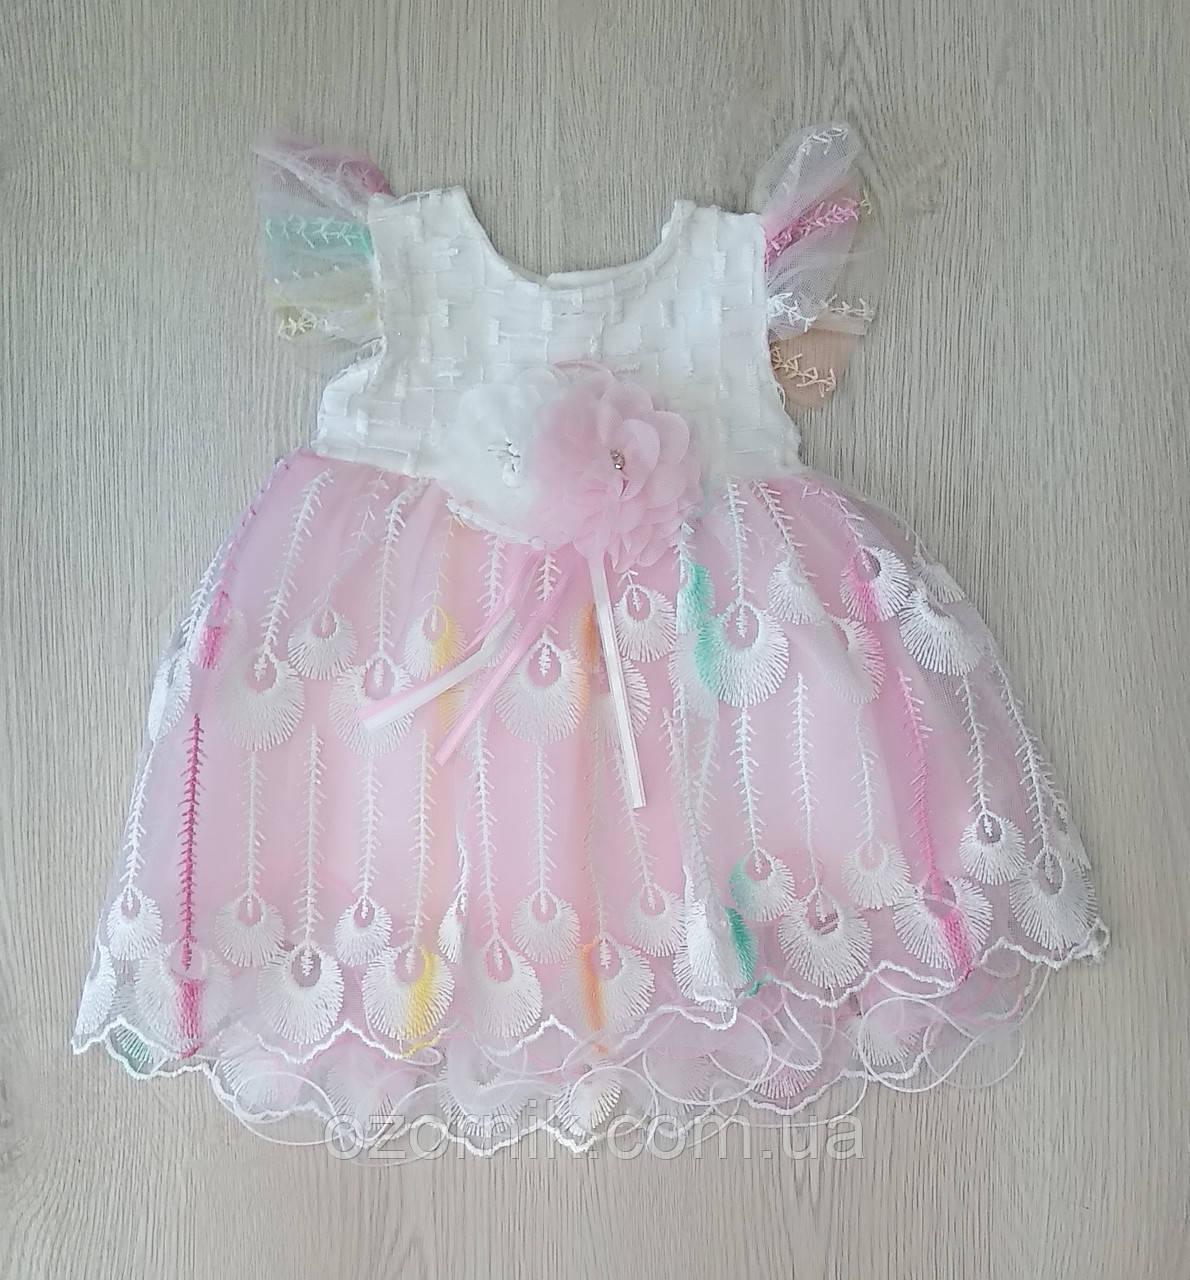 платье 6 месяцев купить